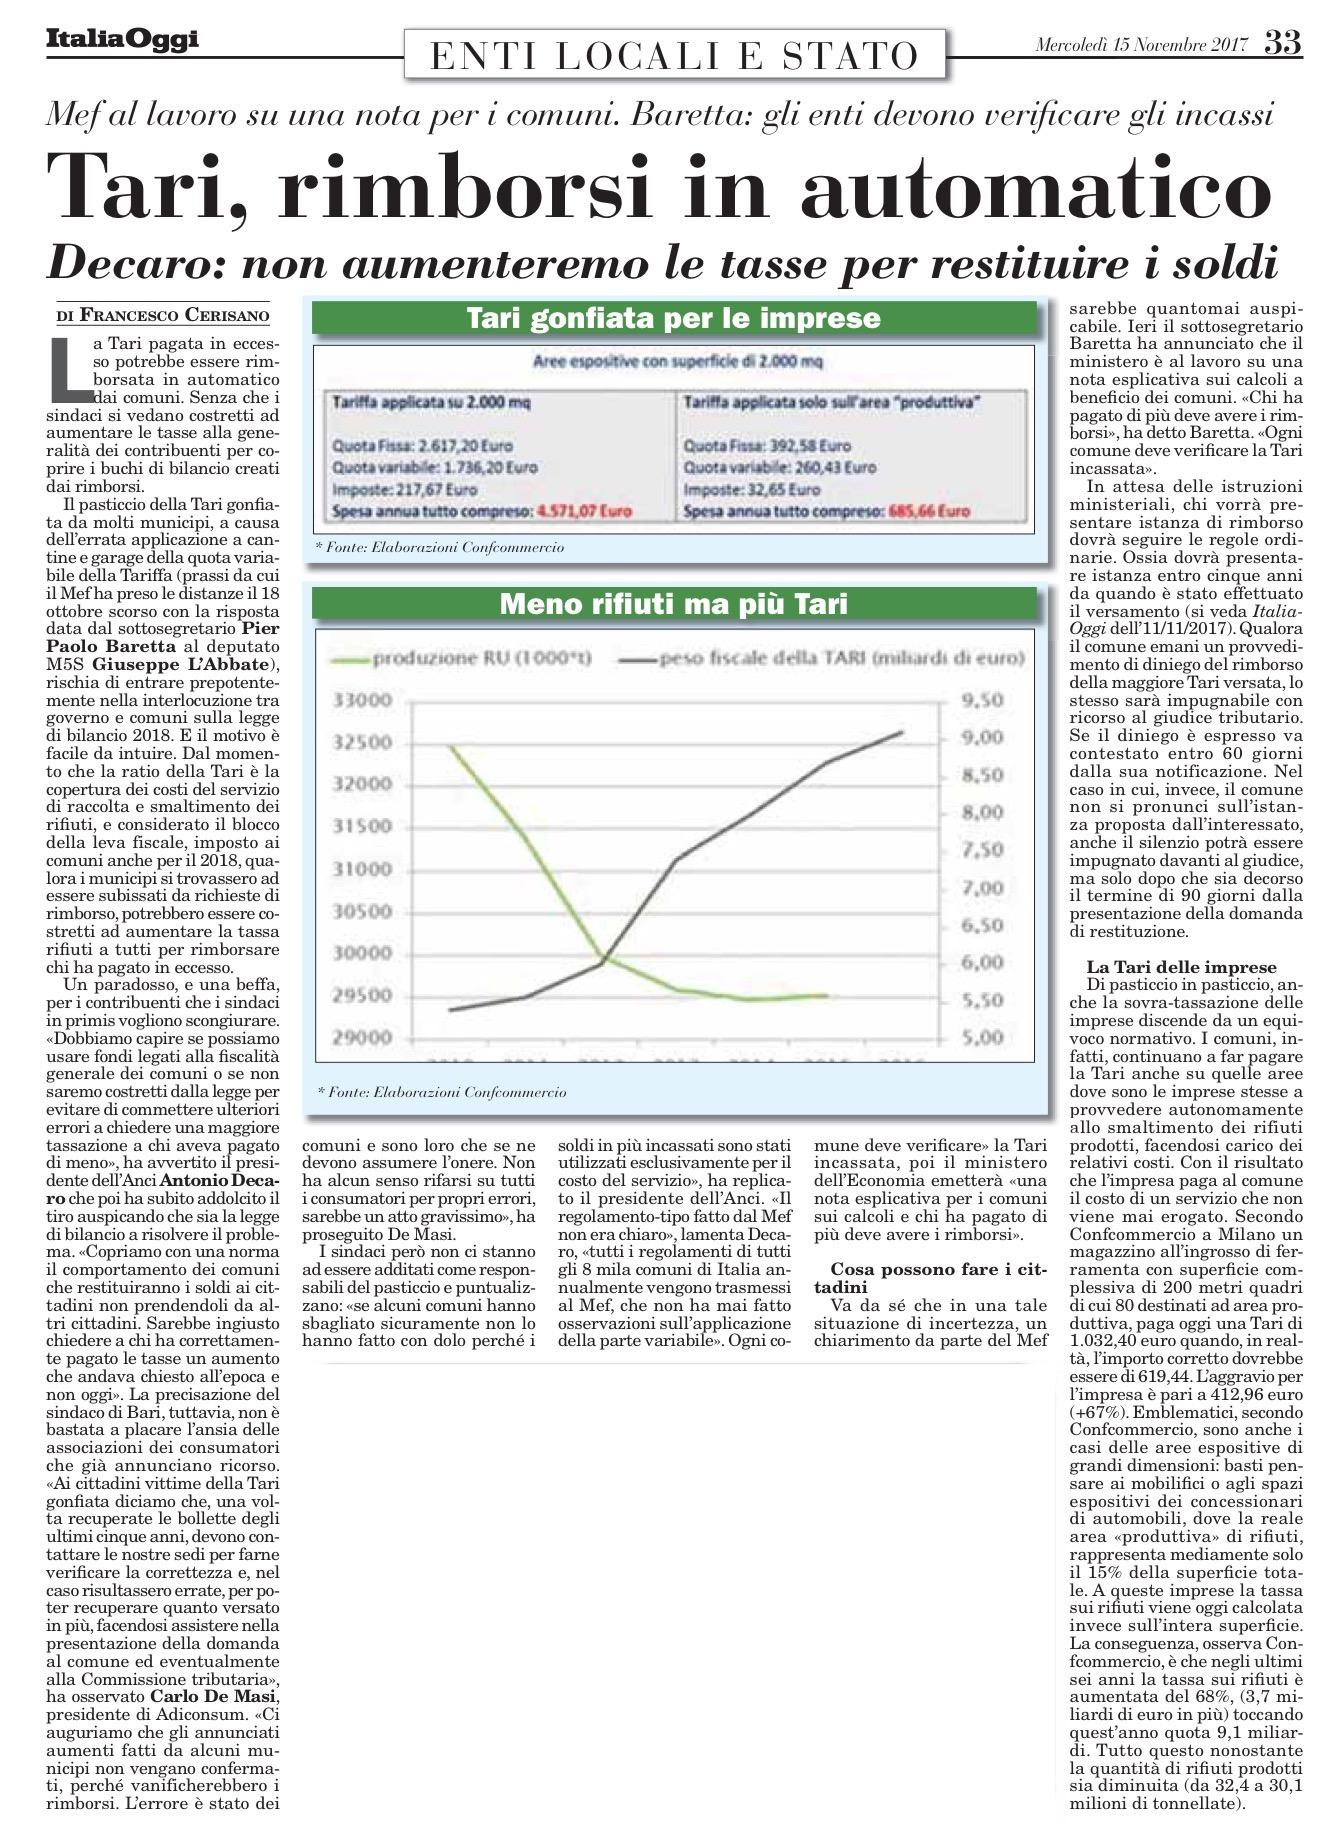 Italia Oggi - 15.11.2017